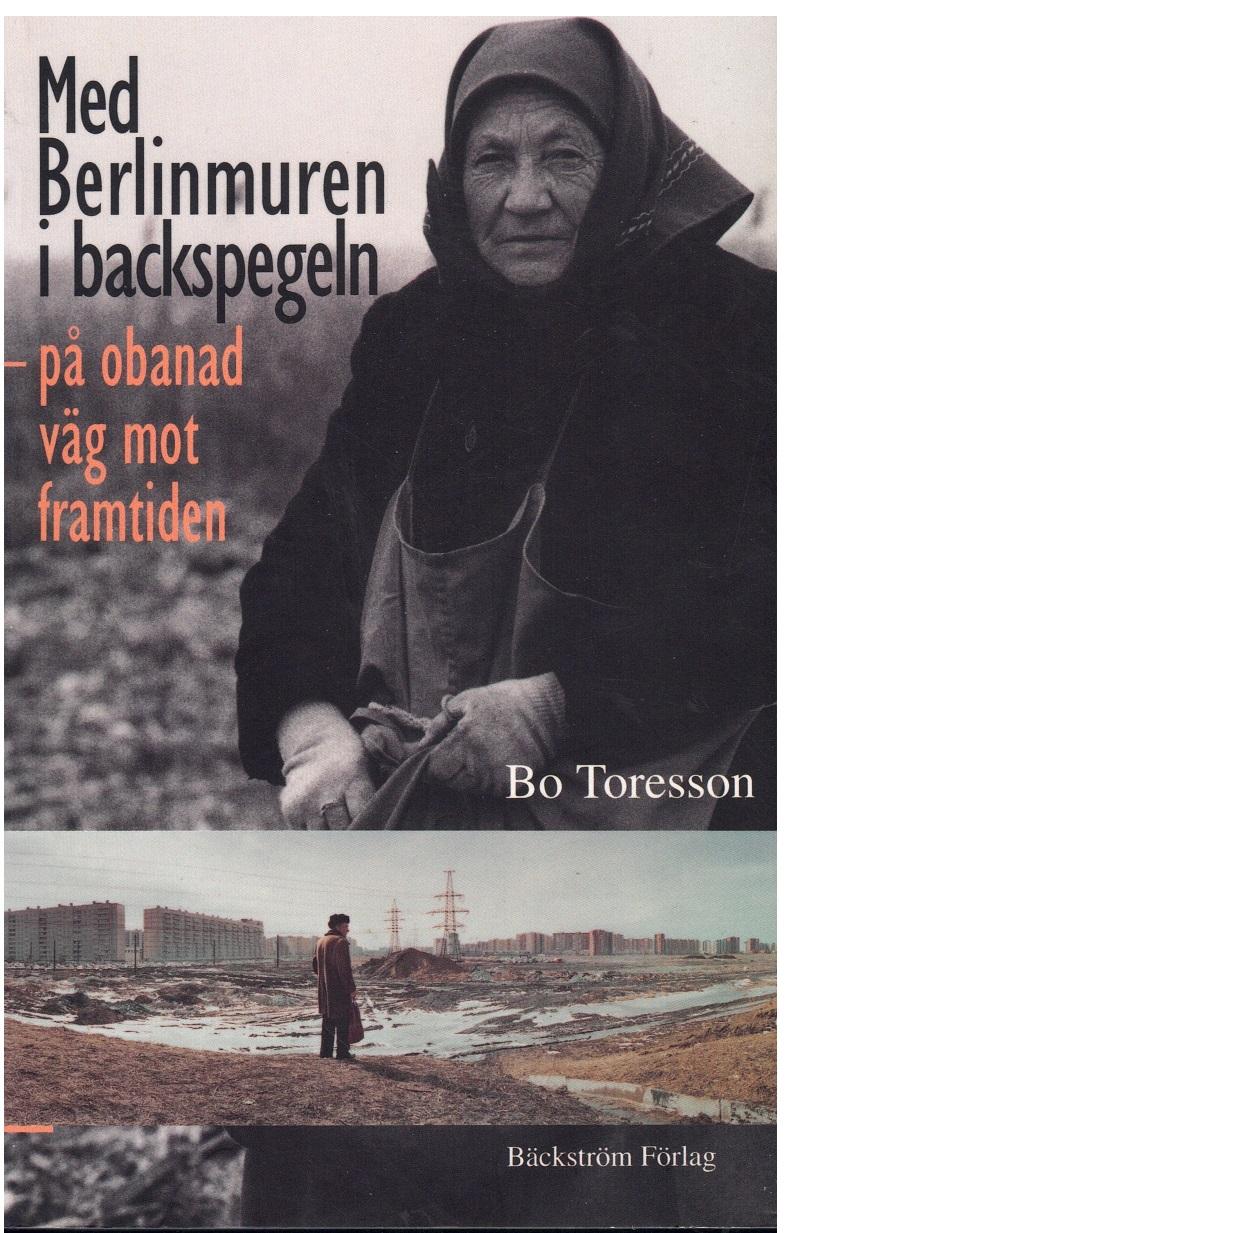 Med Berlinmuren i backspegeln : på obanad väg mot framtiden - Toresson, Bo